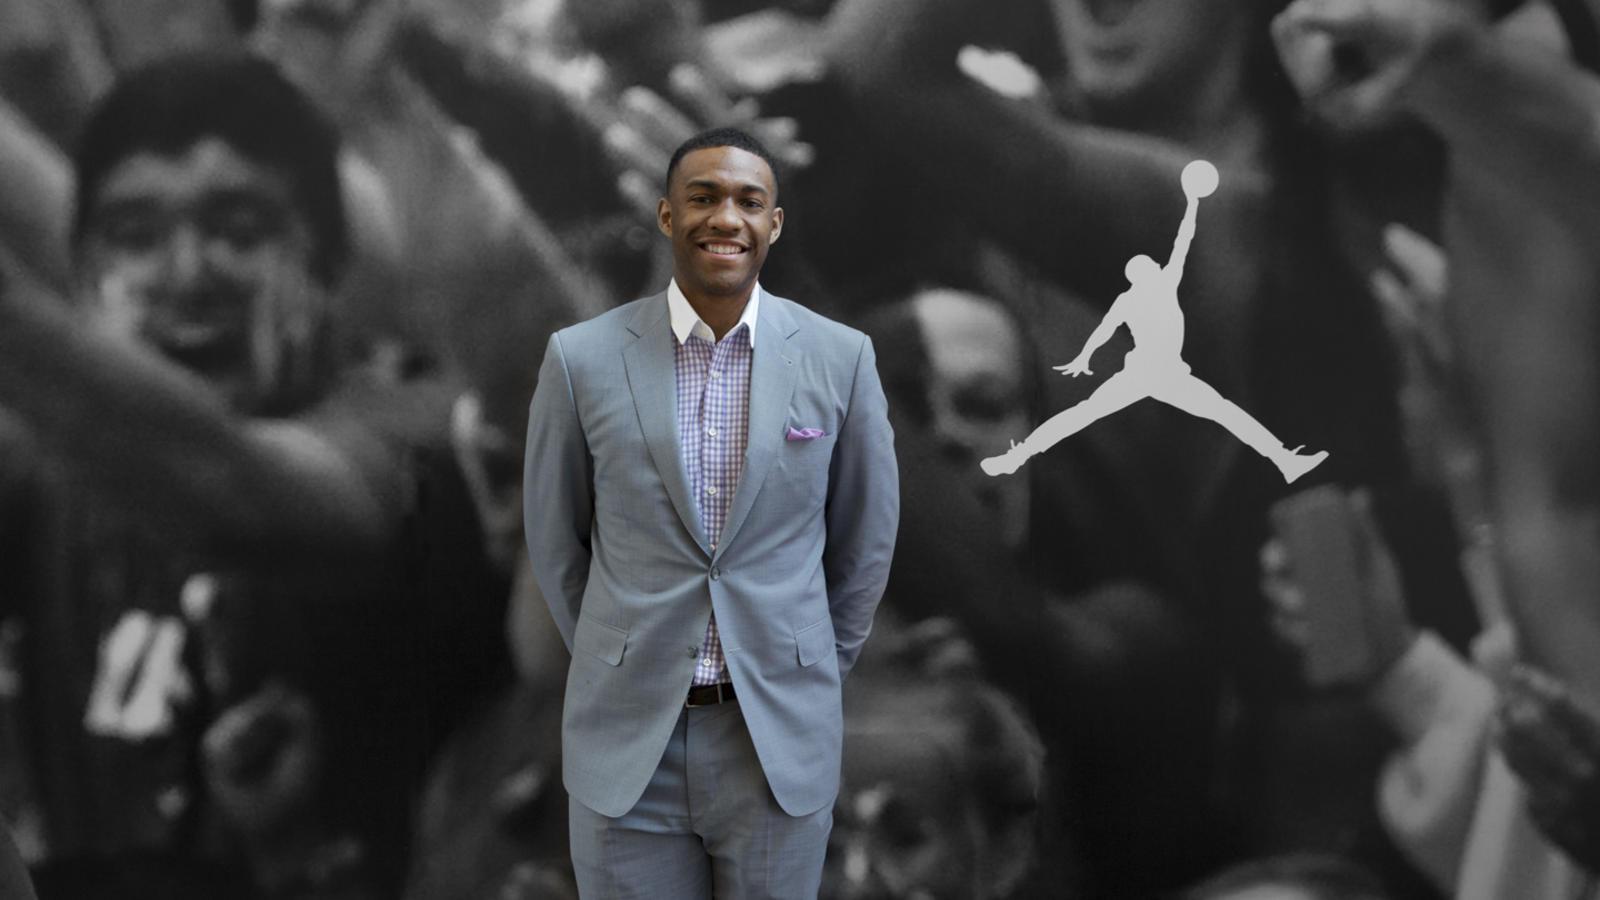 Jordan Brand Family Welcomes Jabari Parker - Nike News